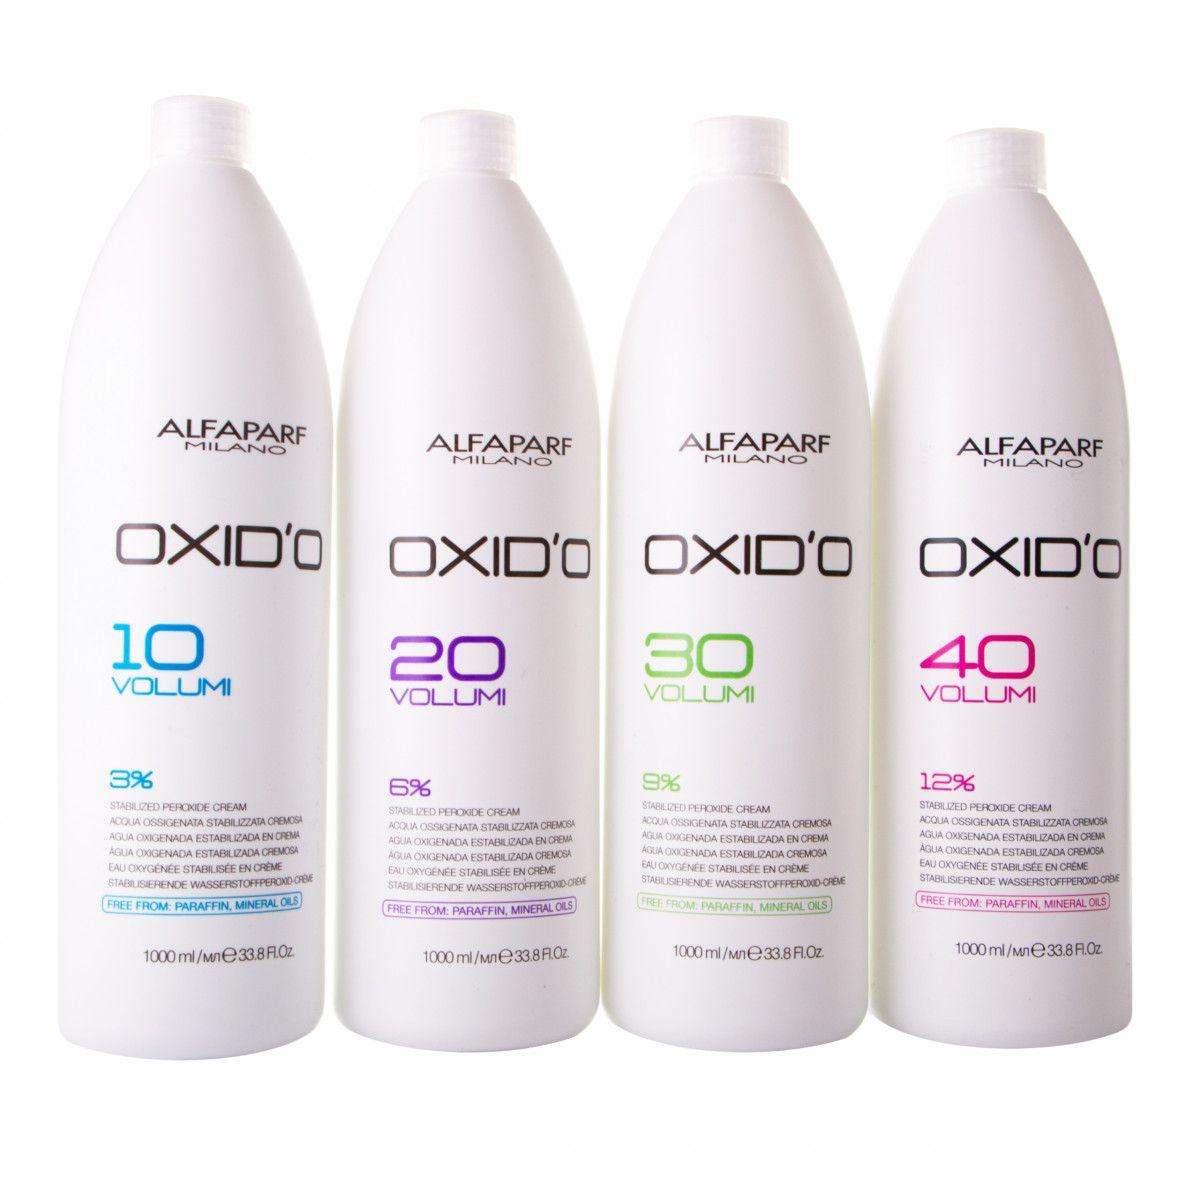 Alfaparf Oxido oxydant w kremie 1000ml 3%, 6%, 9% lub 12% 1000ml